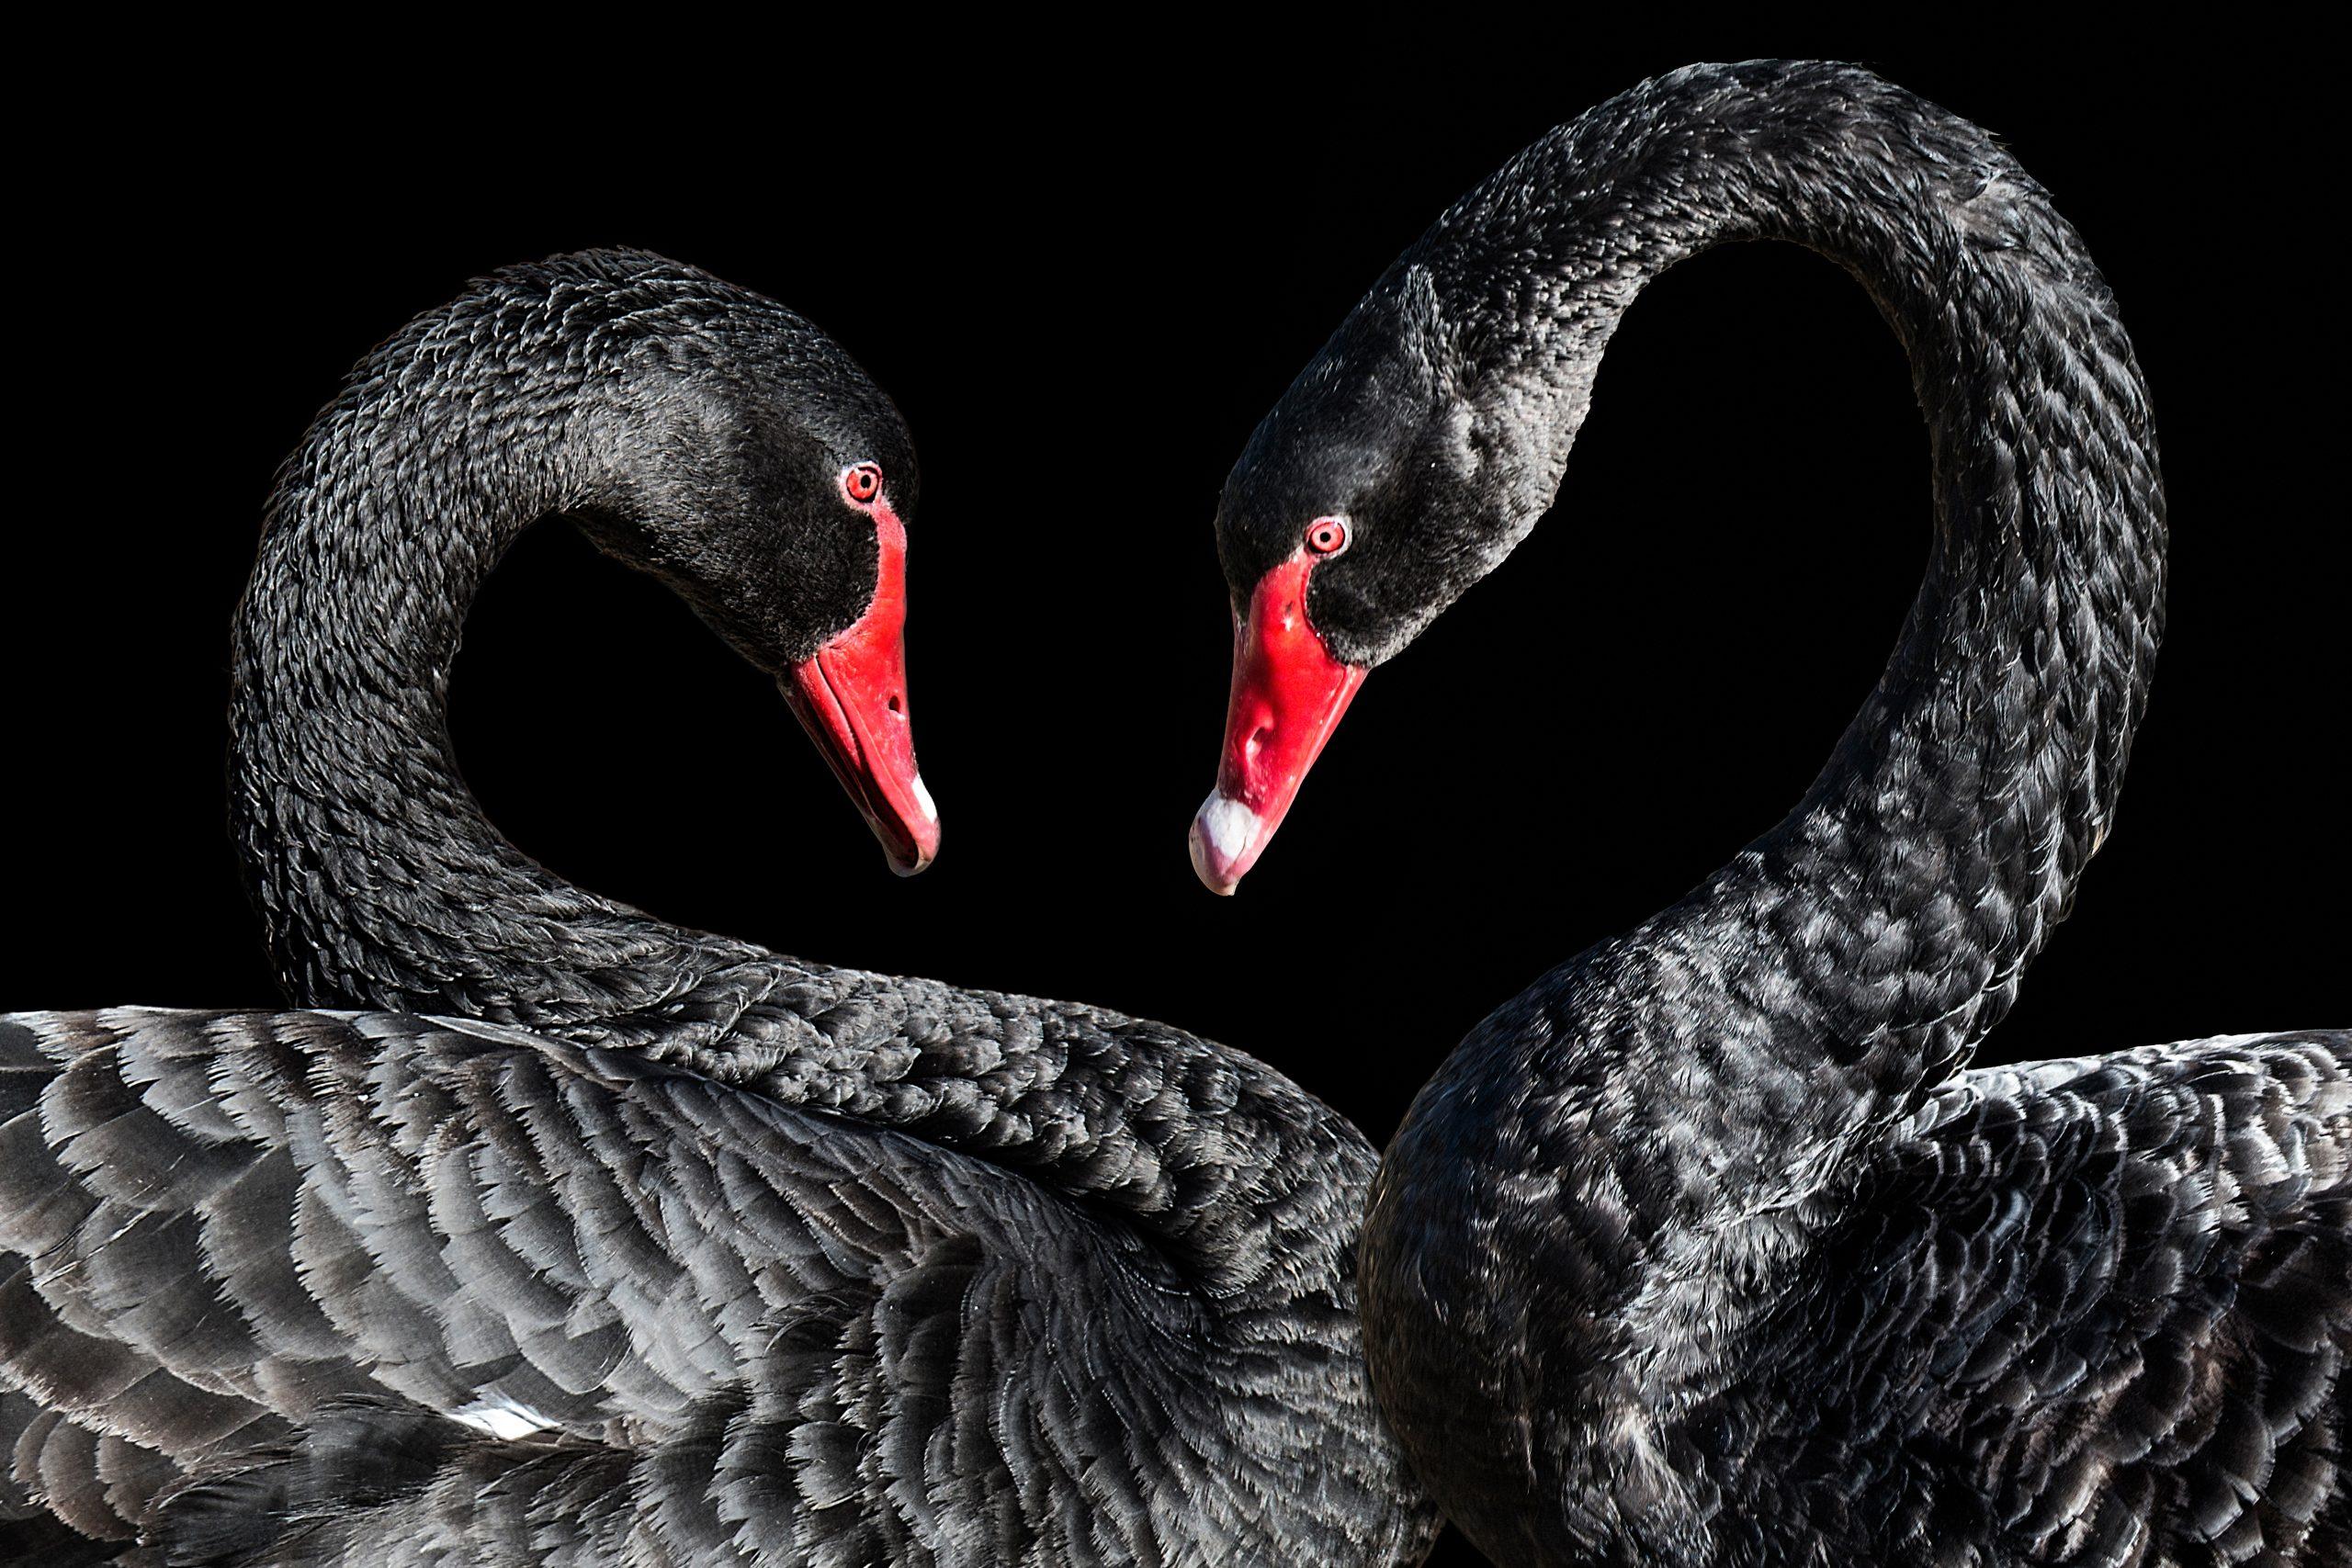 Twoblackswans